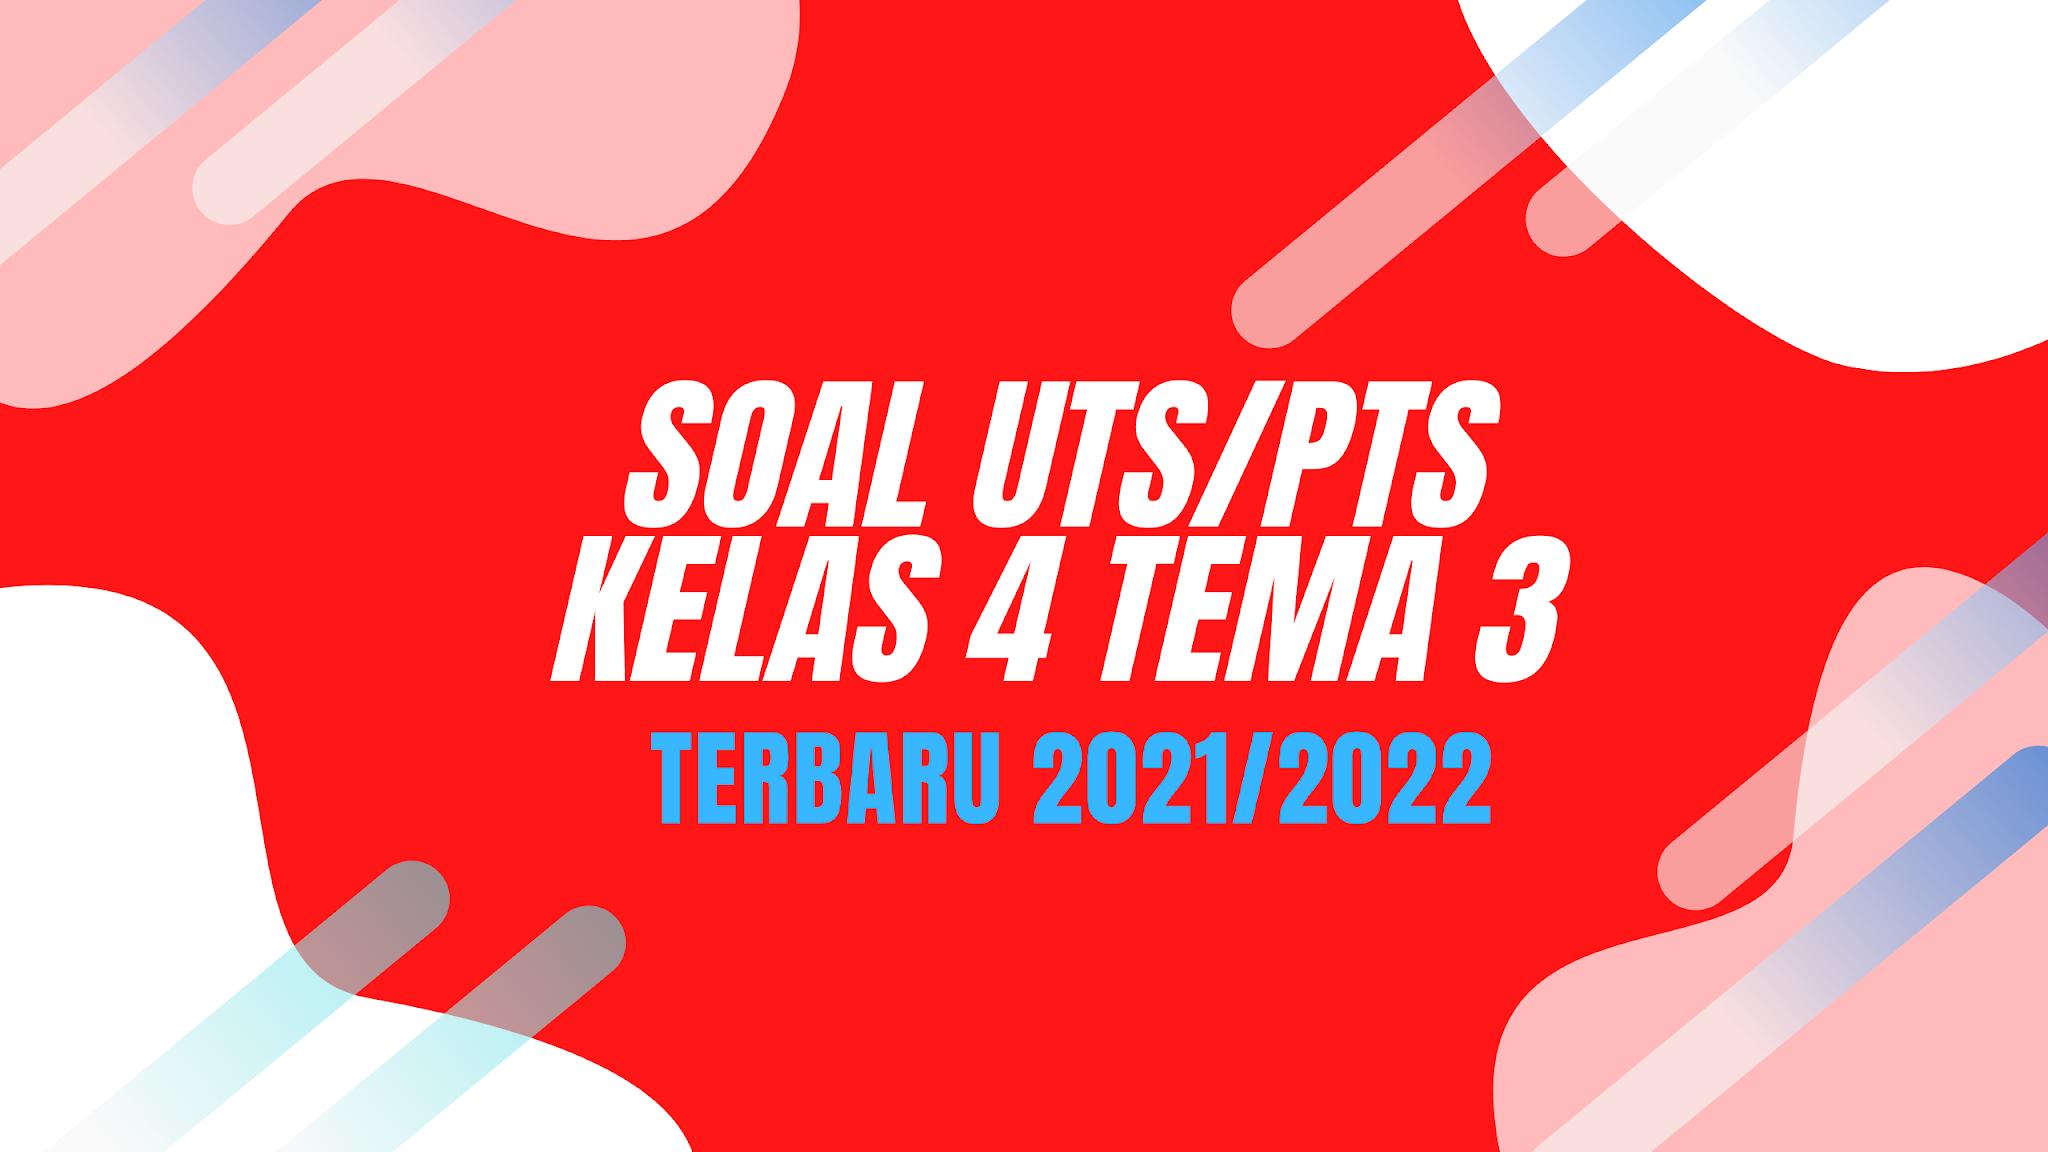 gambar SOAL UTS/PTS KELAS 4 TEMA 3